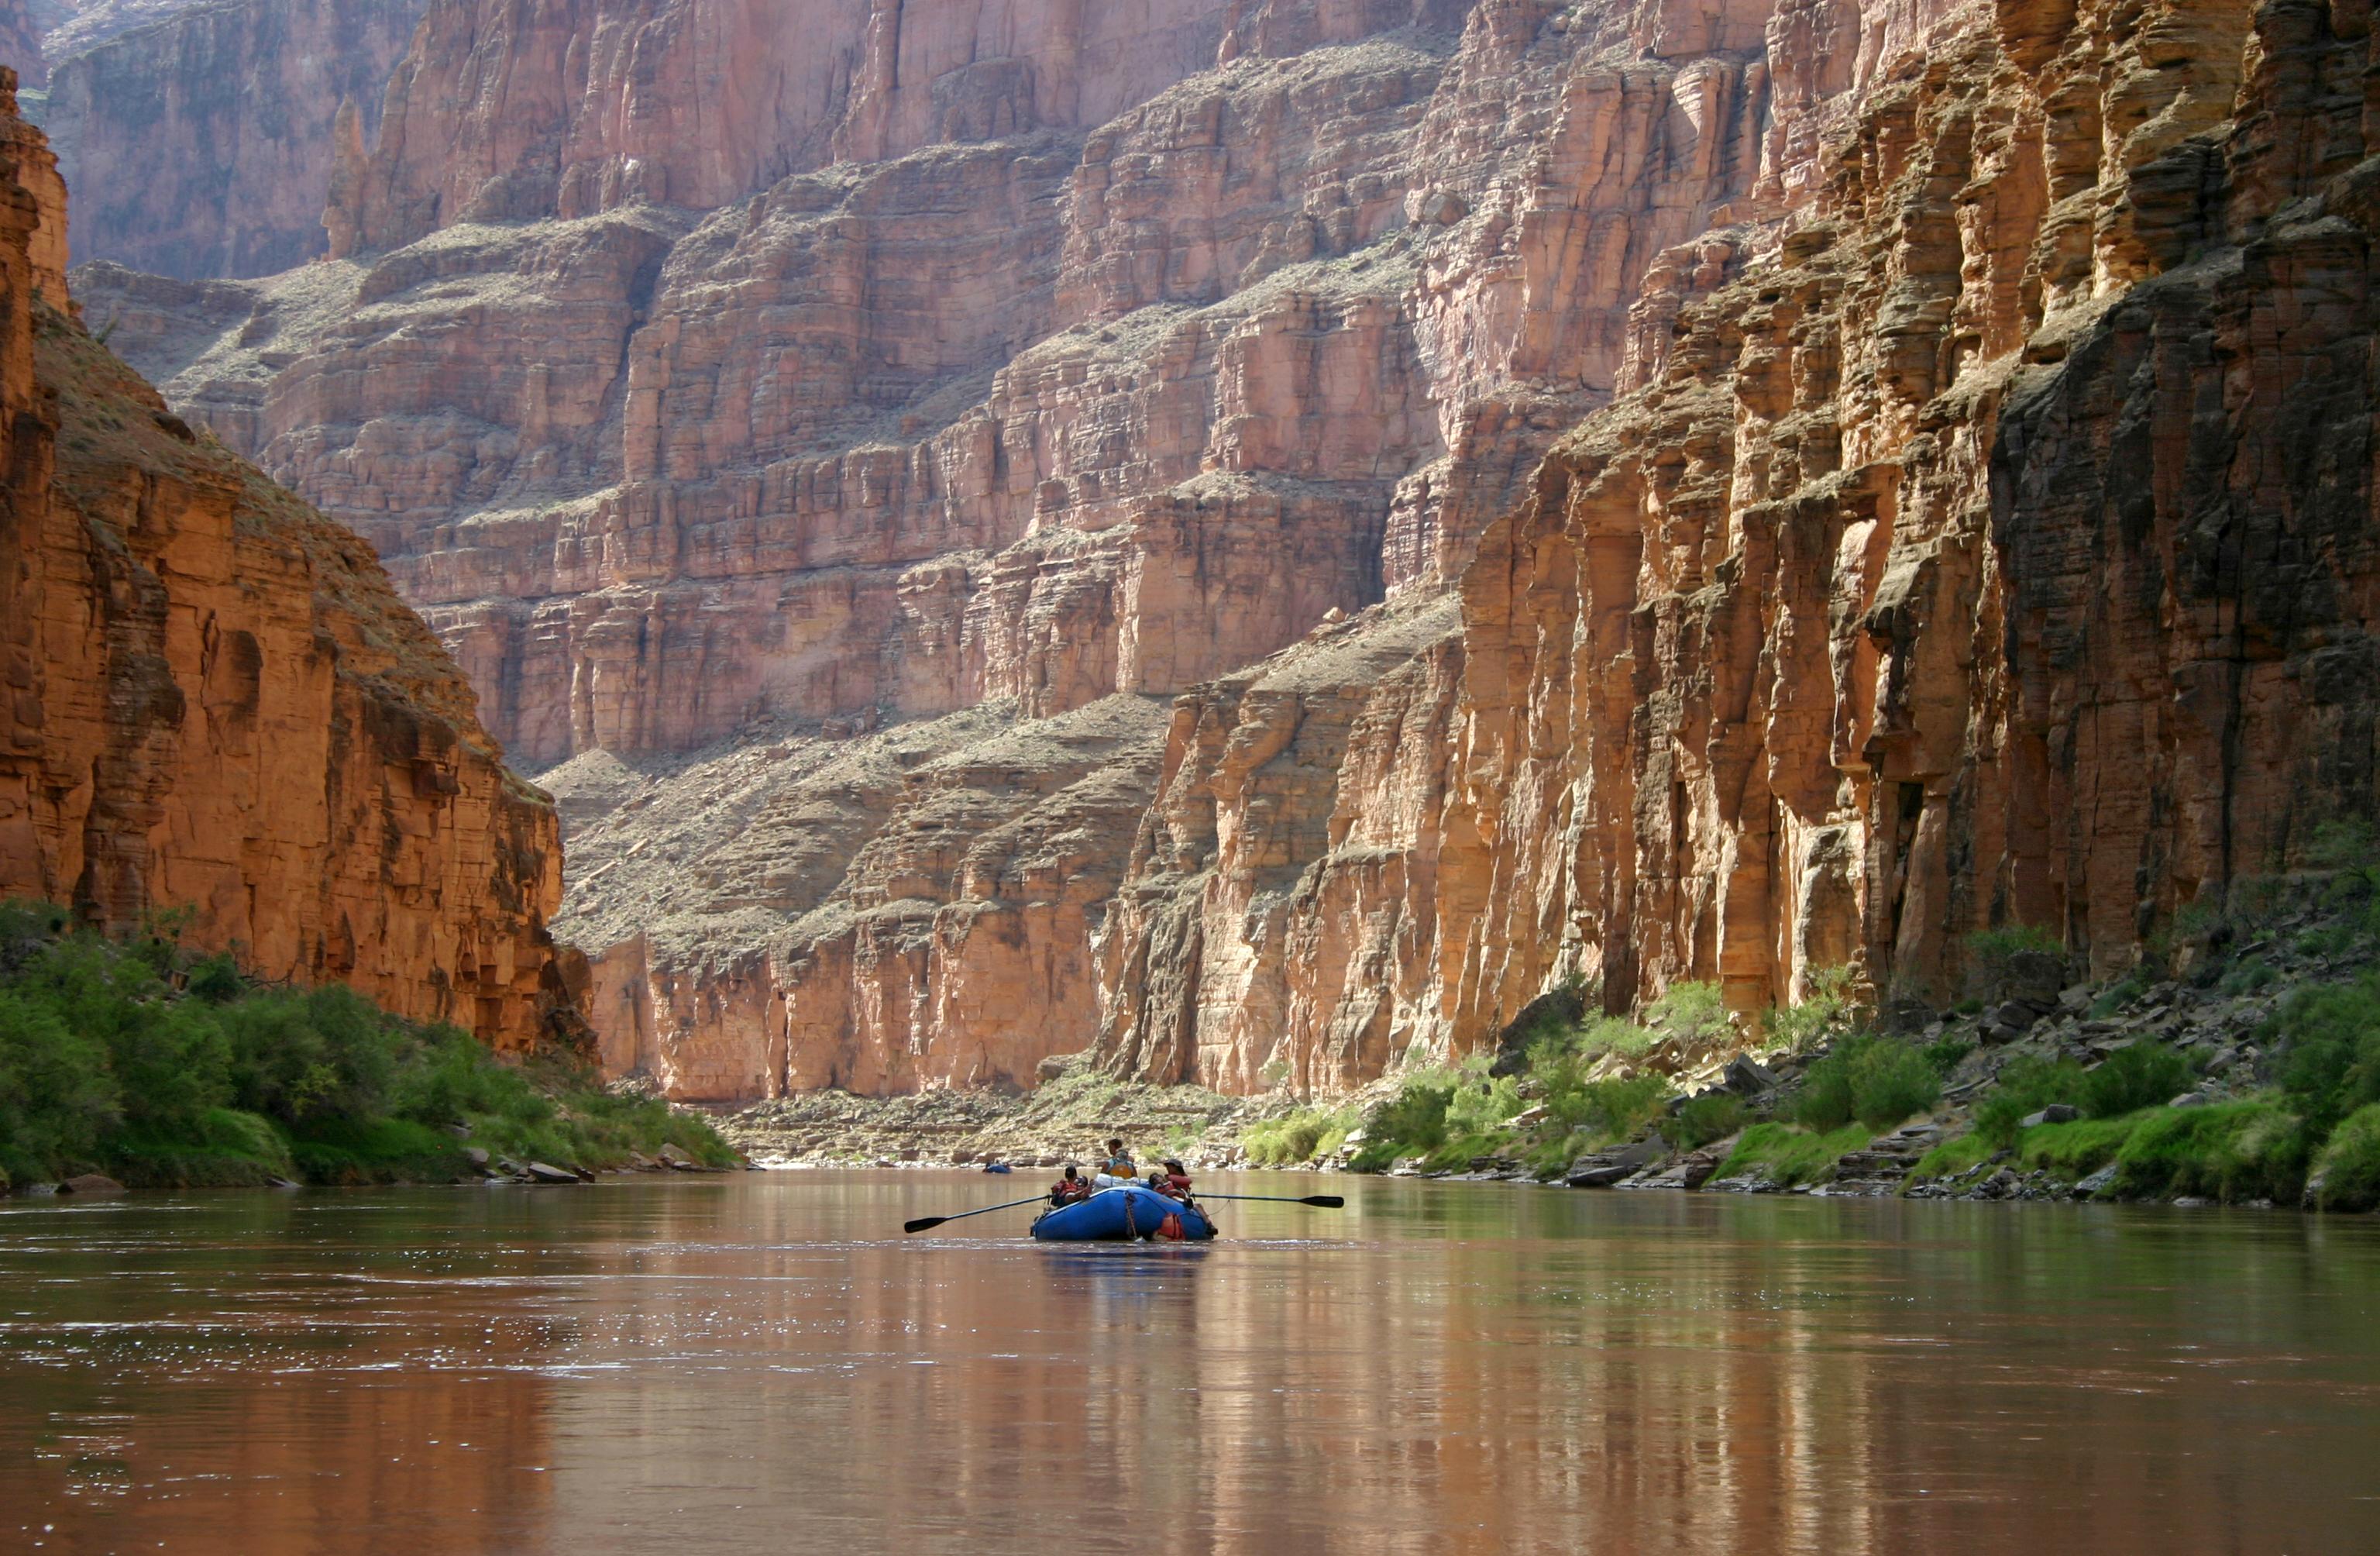 Rafting down Colorado River at Grand Canyon National Park